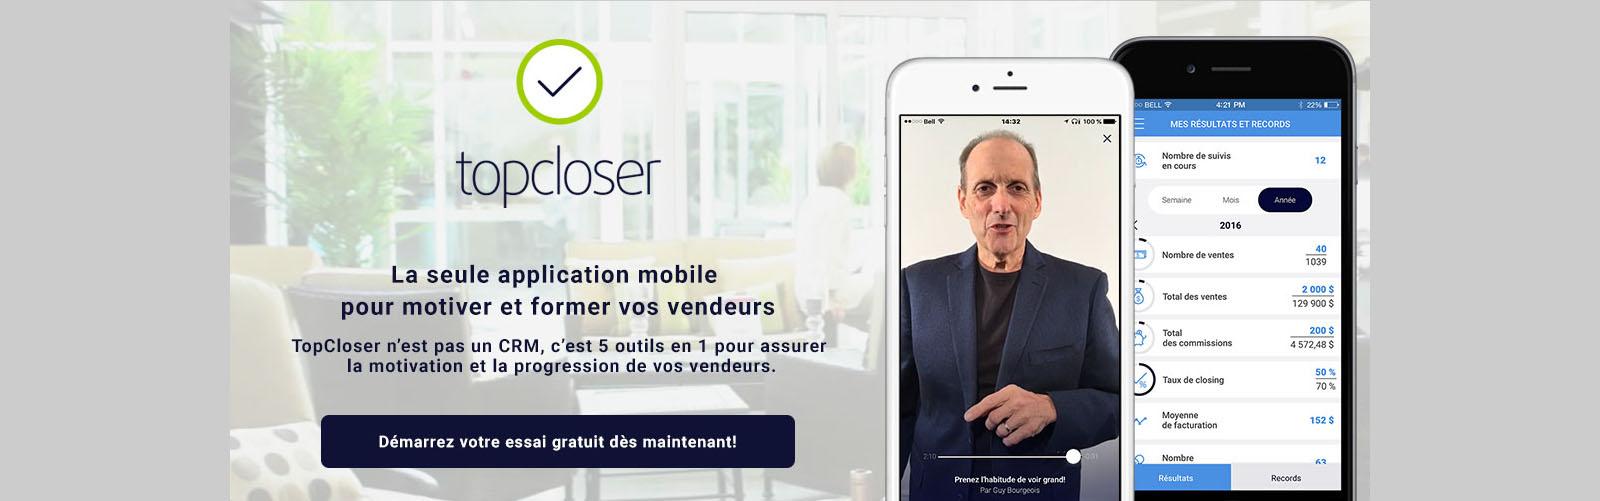 Conférencier, formateur en vente et leadership - Guy Bourgeois - Accueil